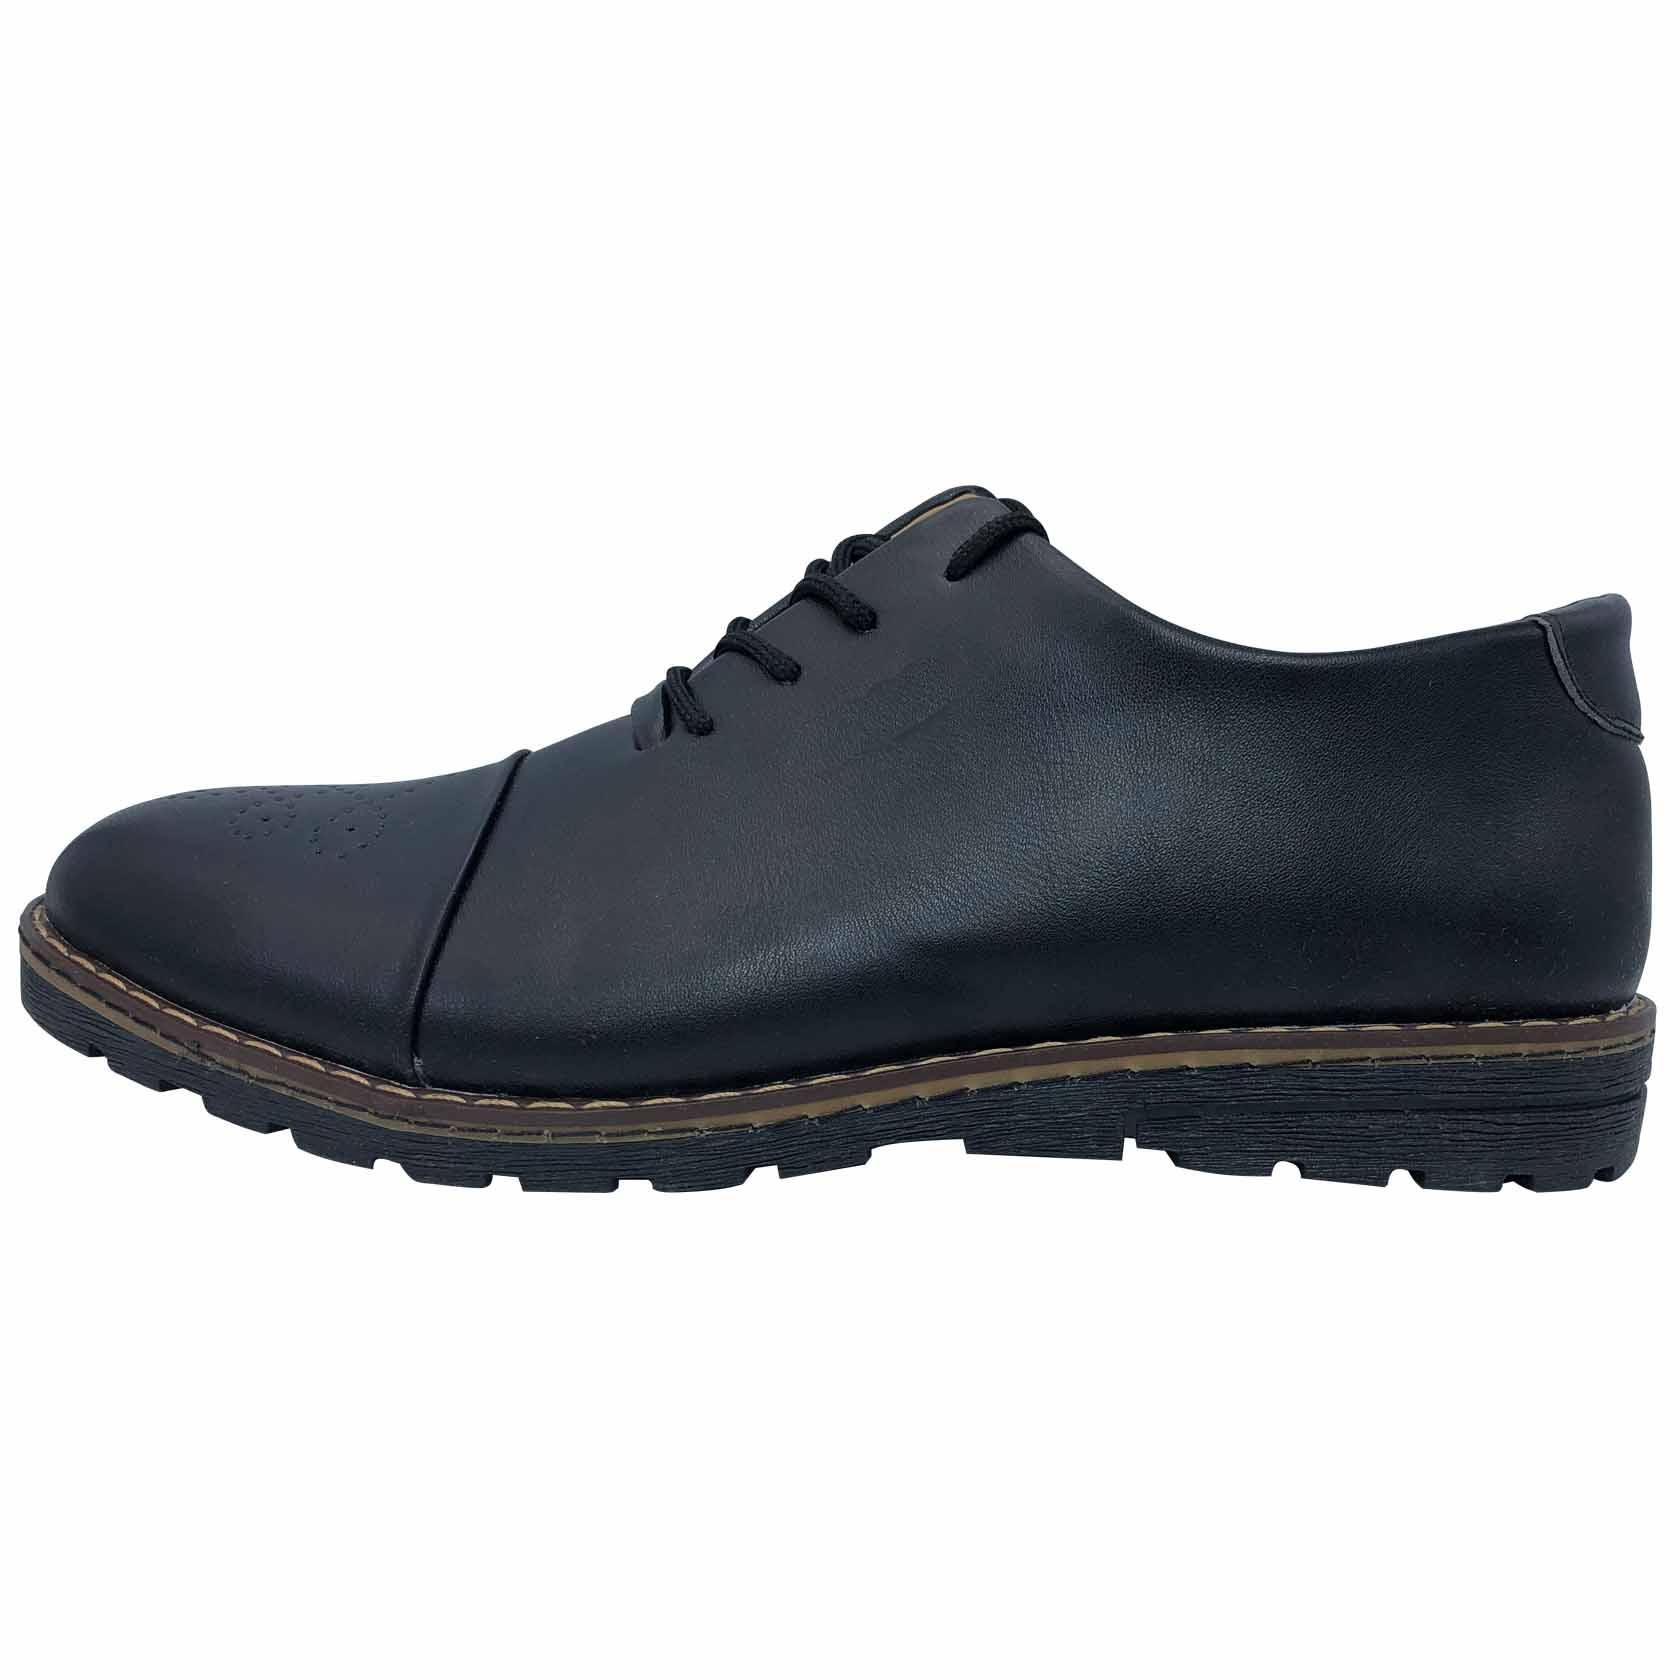 کفش روزمره مردانه کد m 703